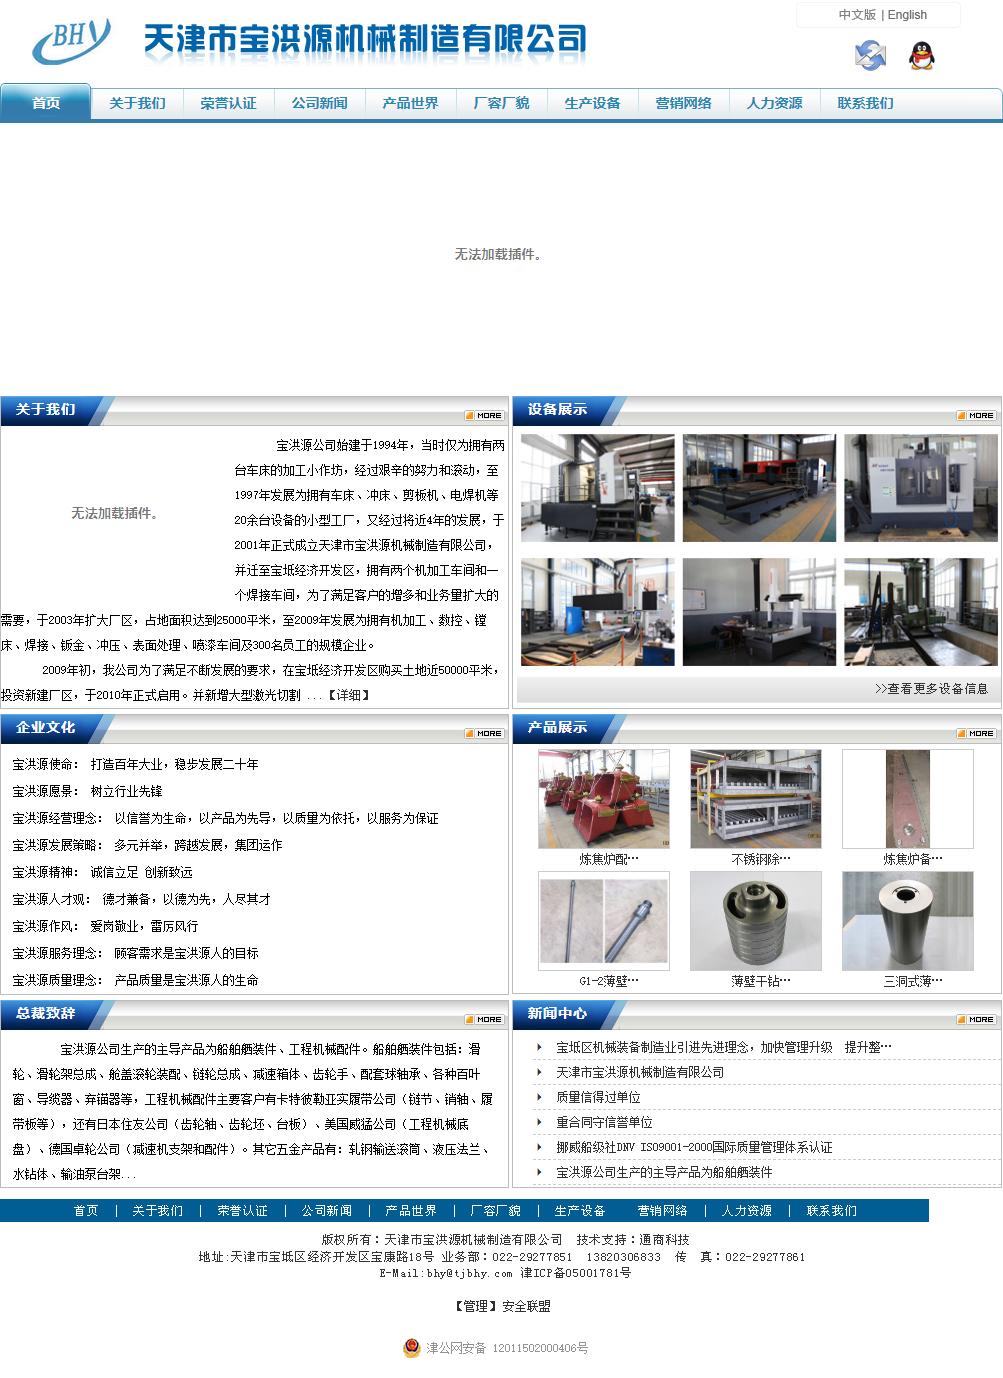 天津市宝洪源机械制造有限公司网站案例